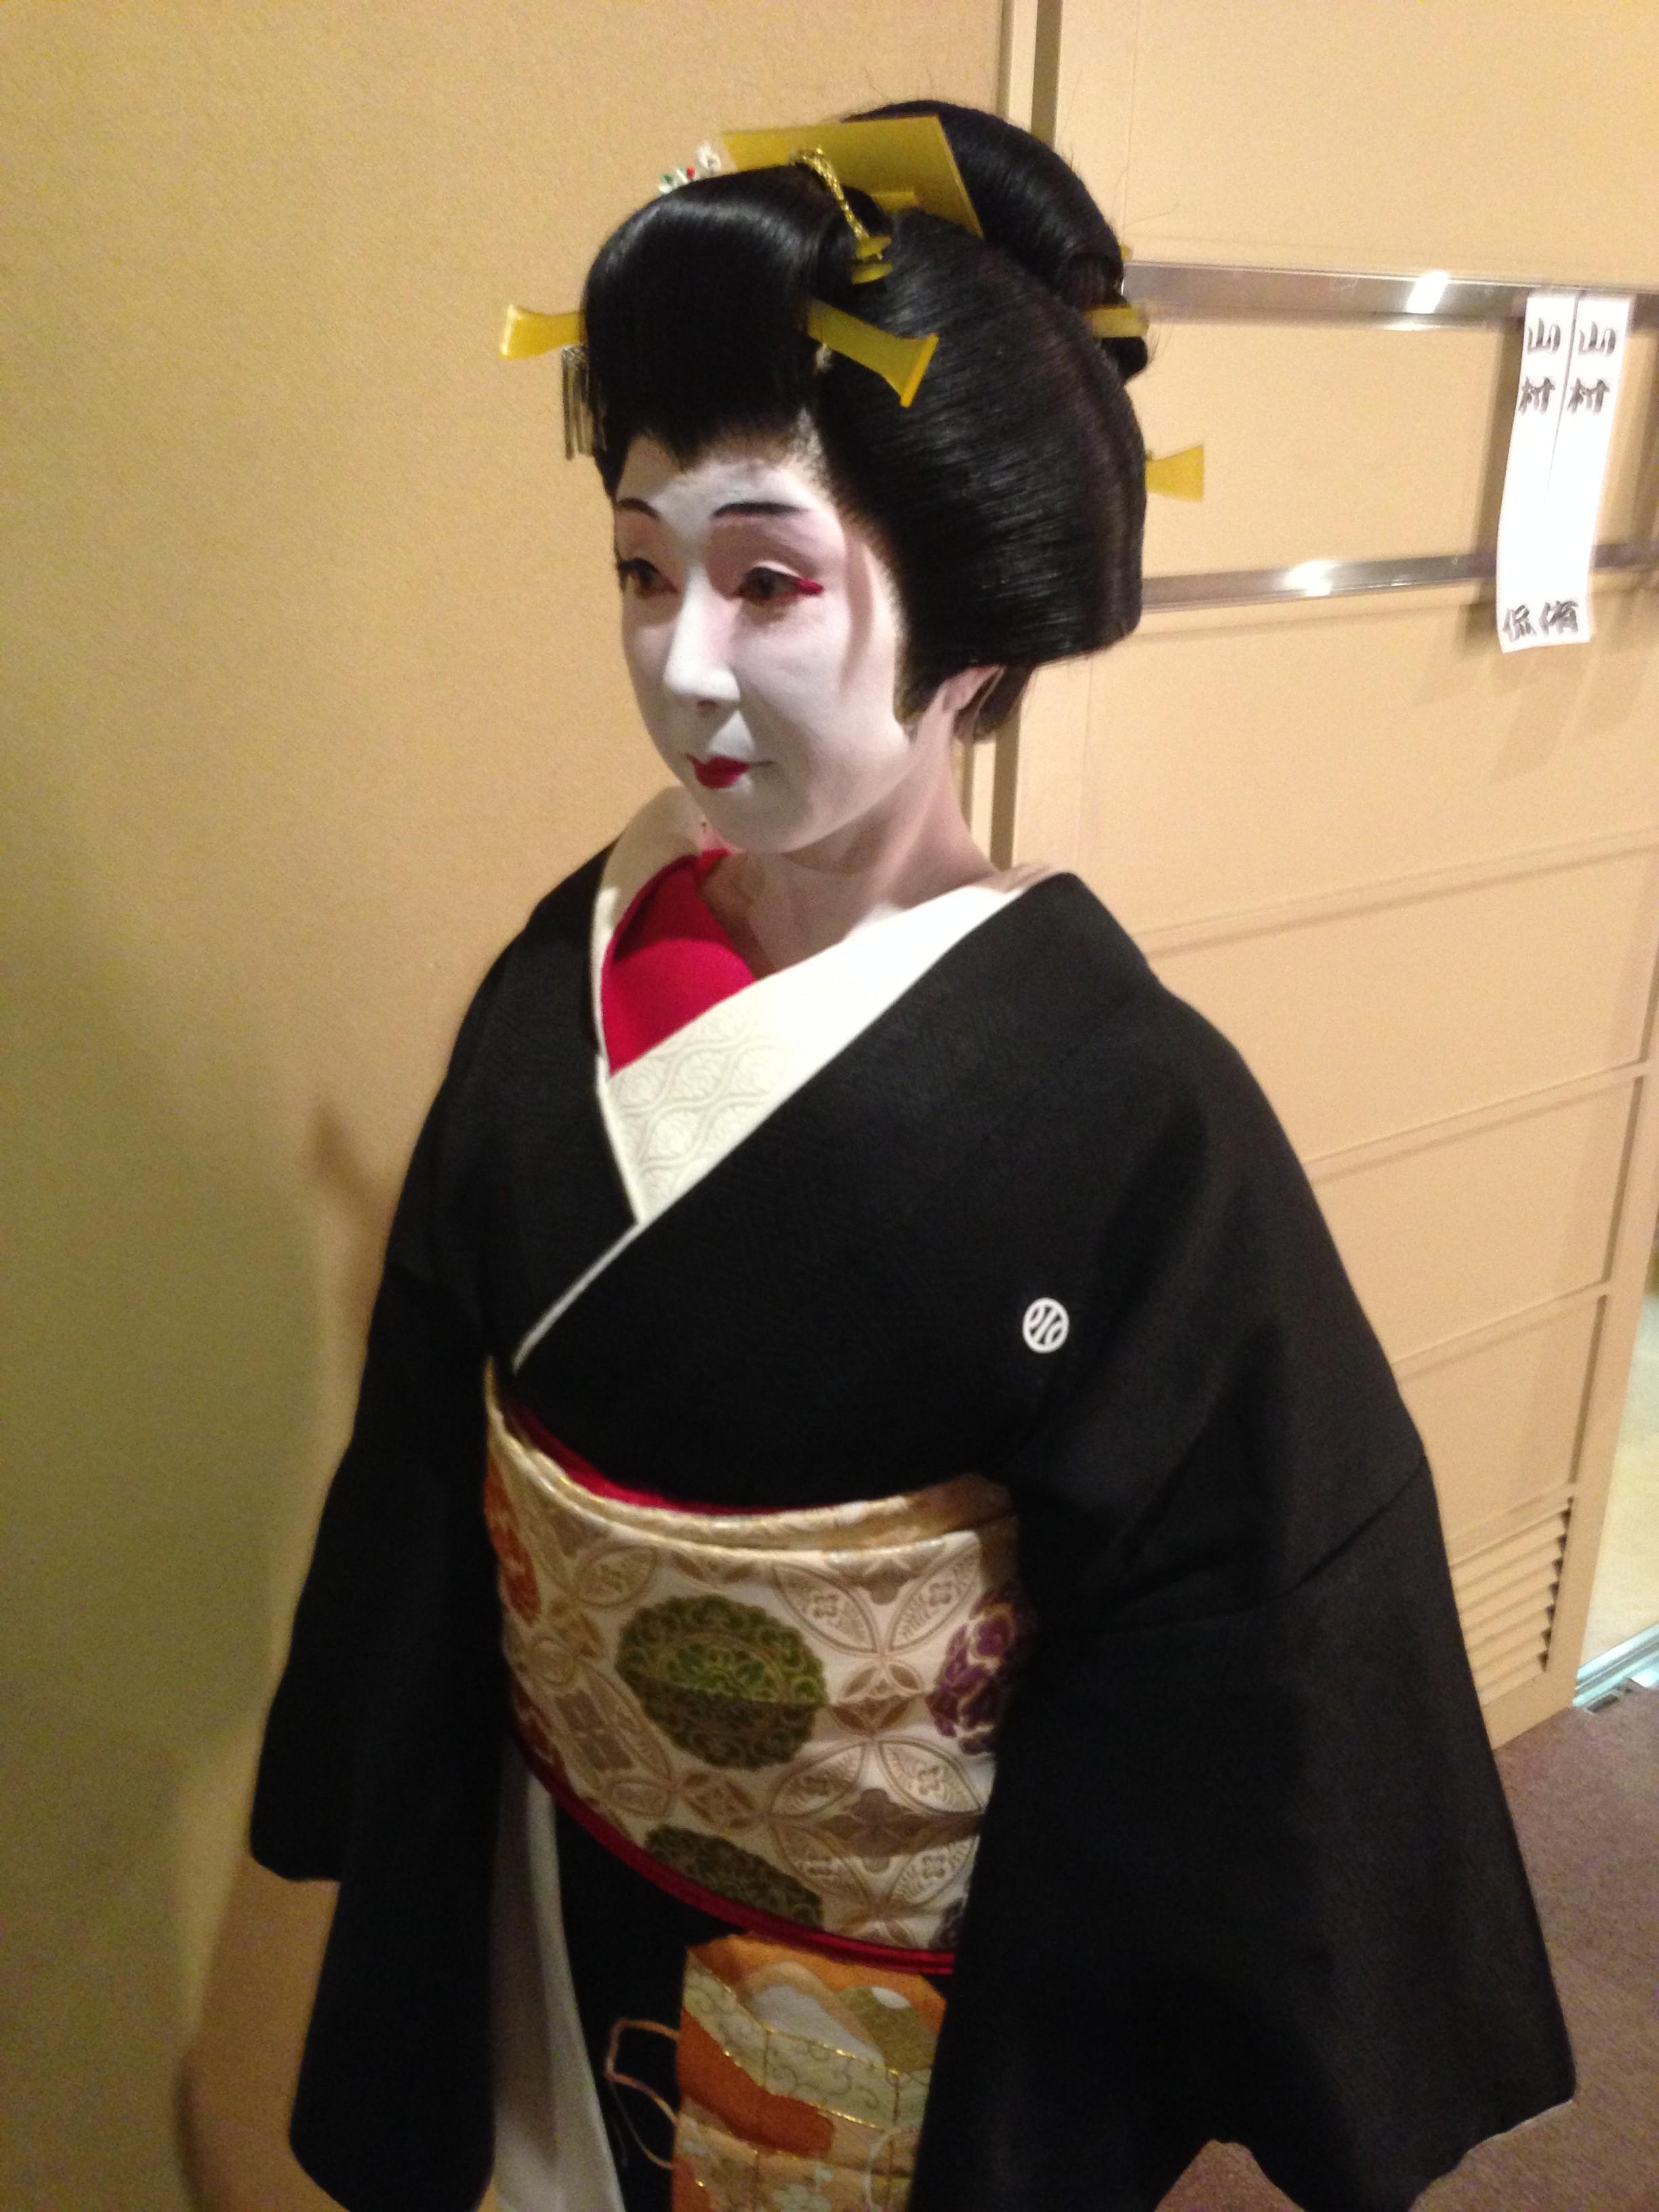 世代を超えて 家族と楽しみを分かちあえるお稽古、日本舞踊。